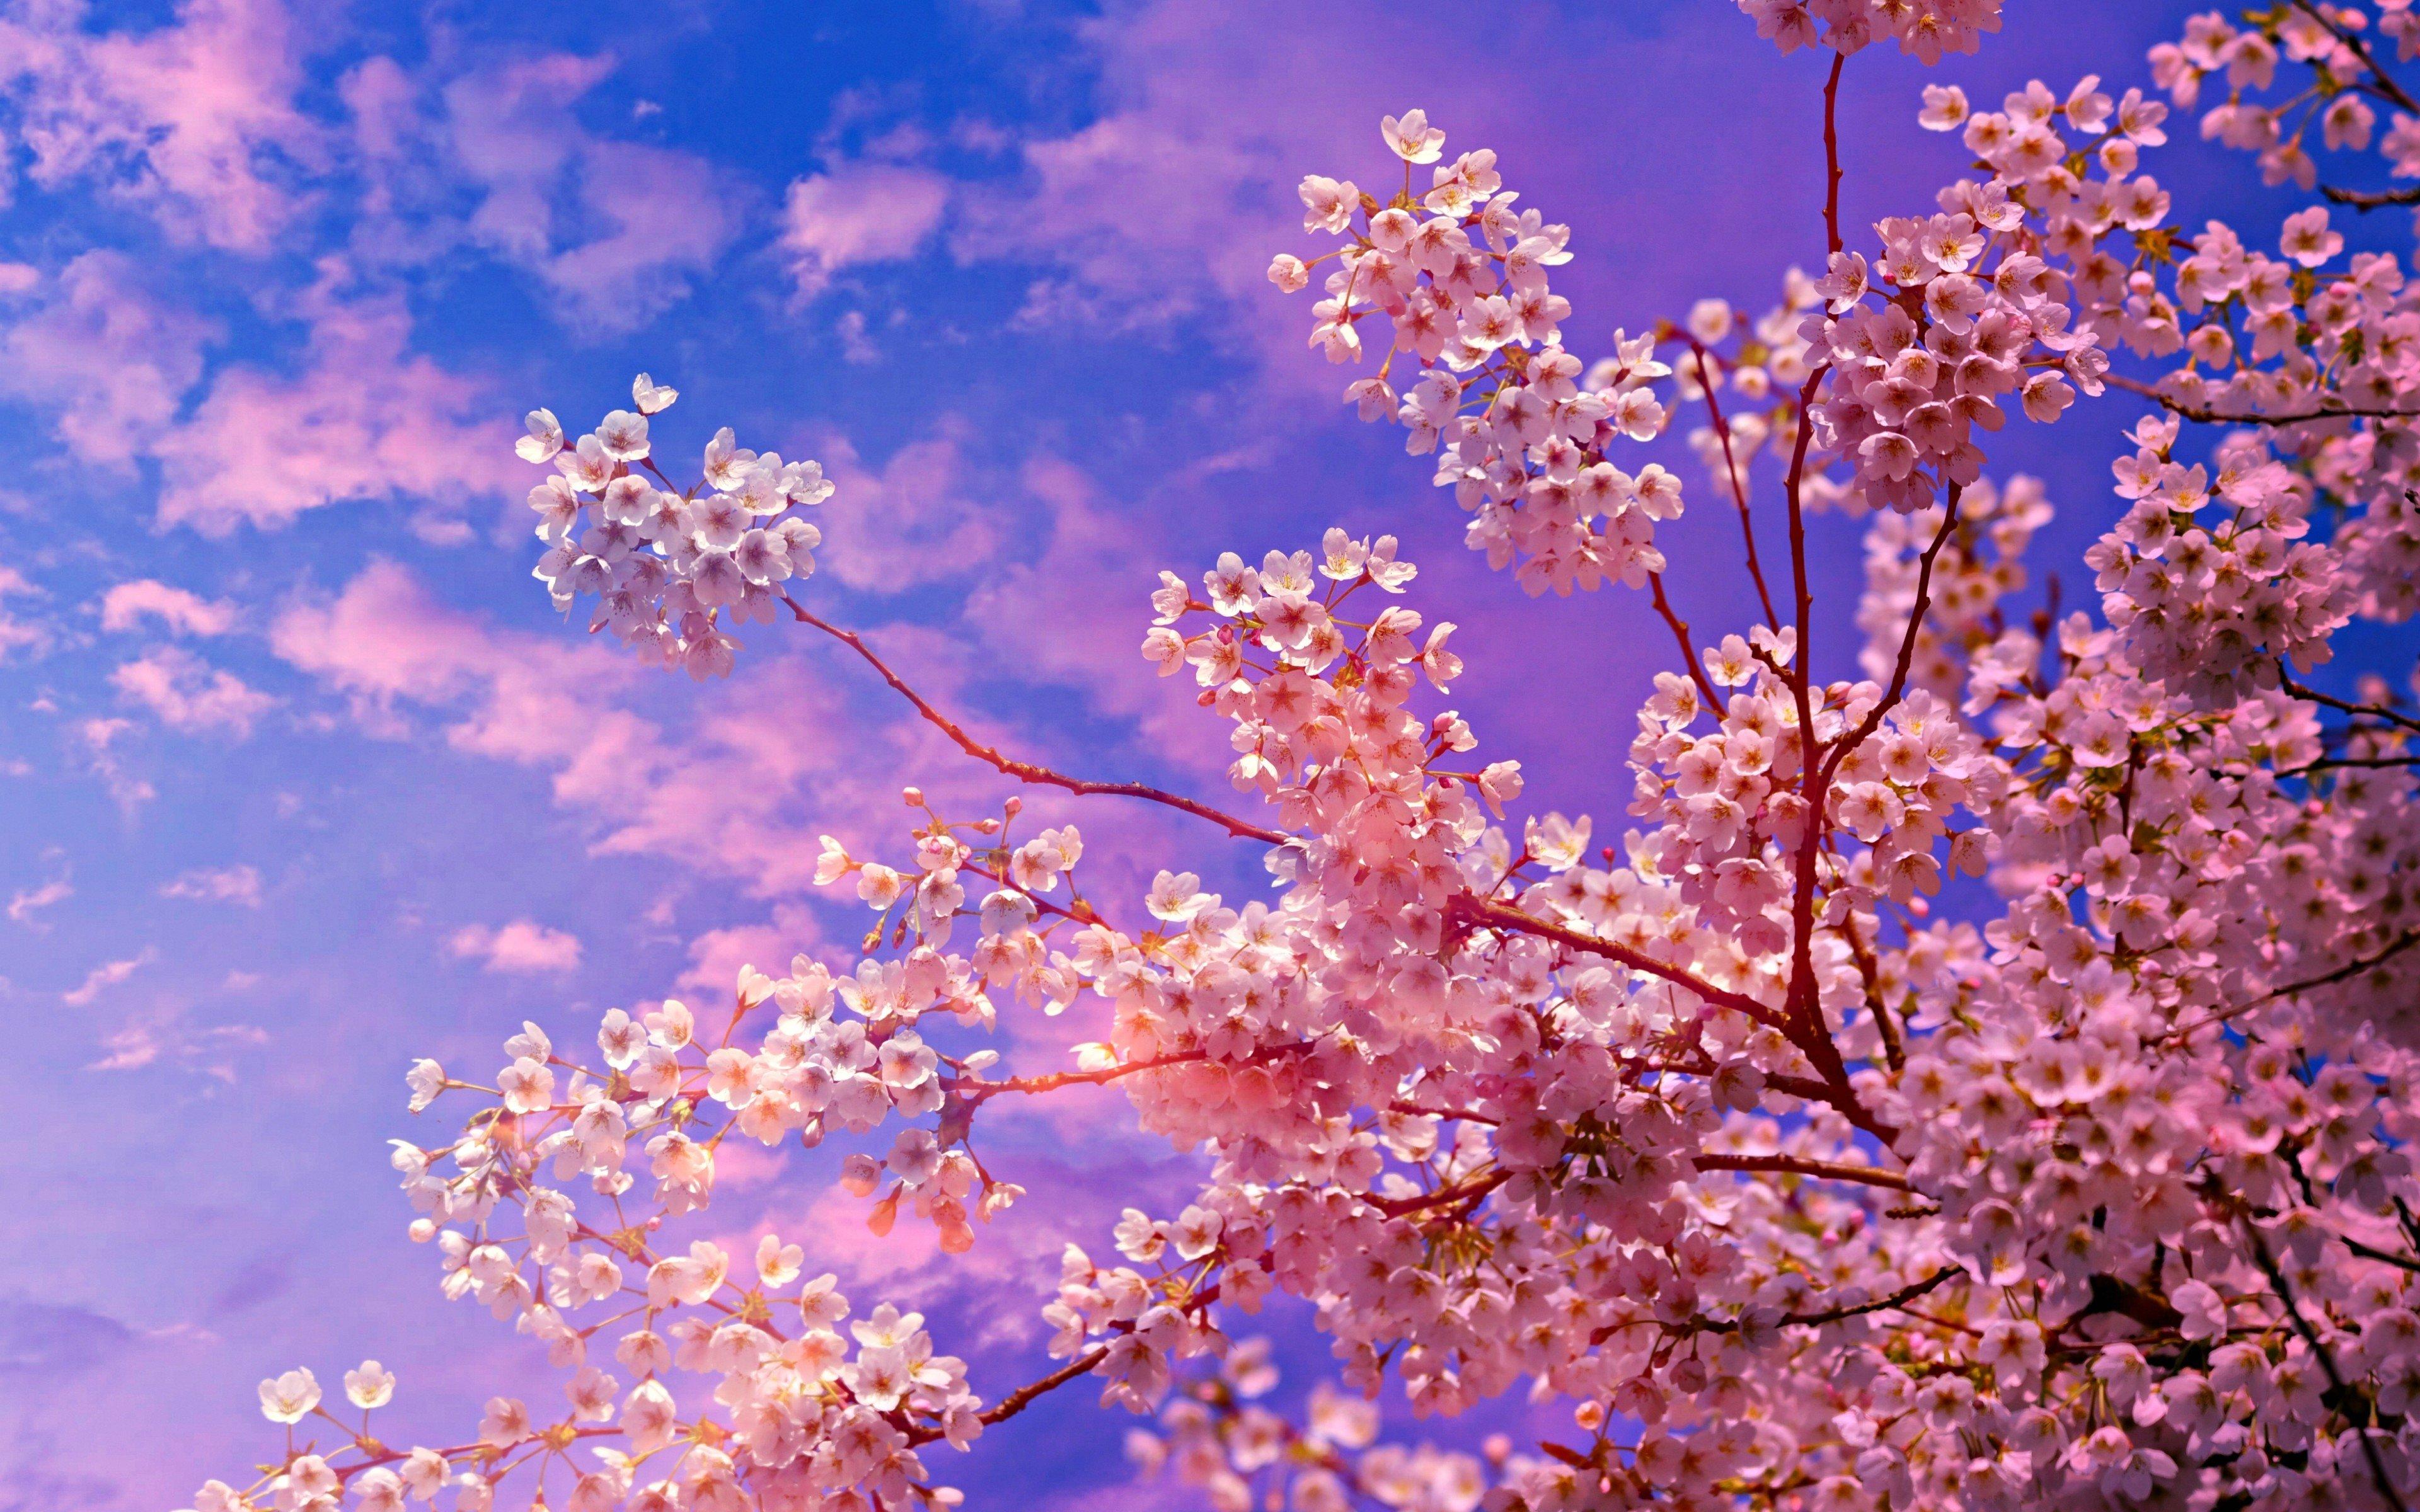 Fondos de pantalla Flores de cerezo